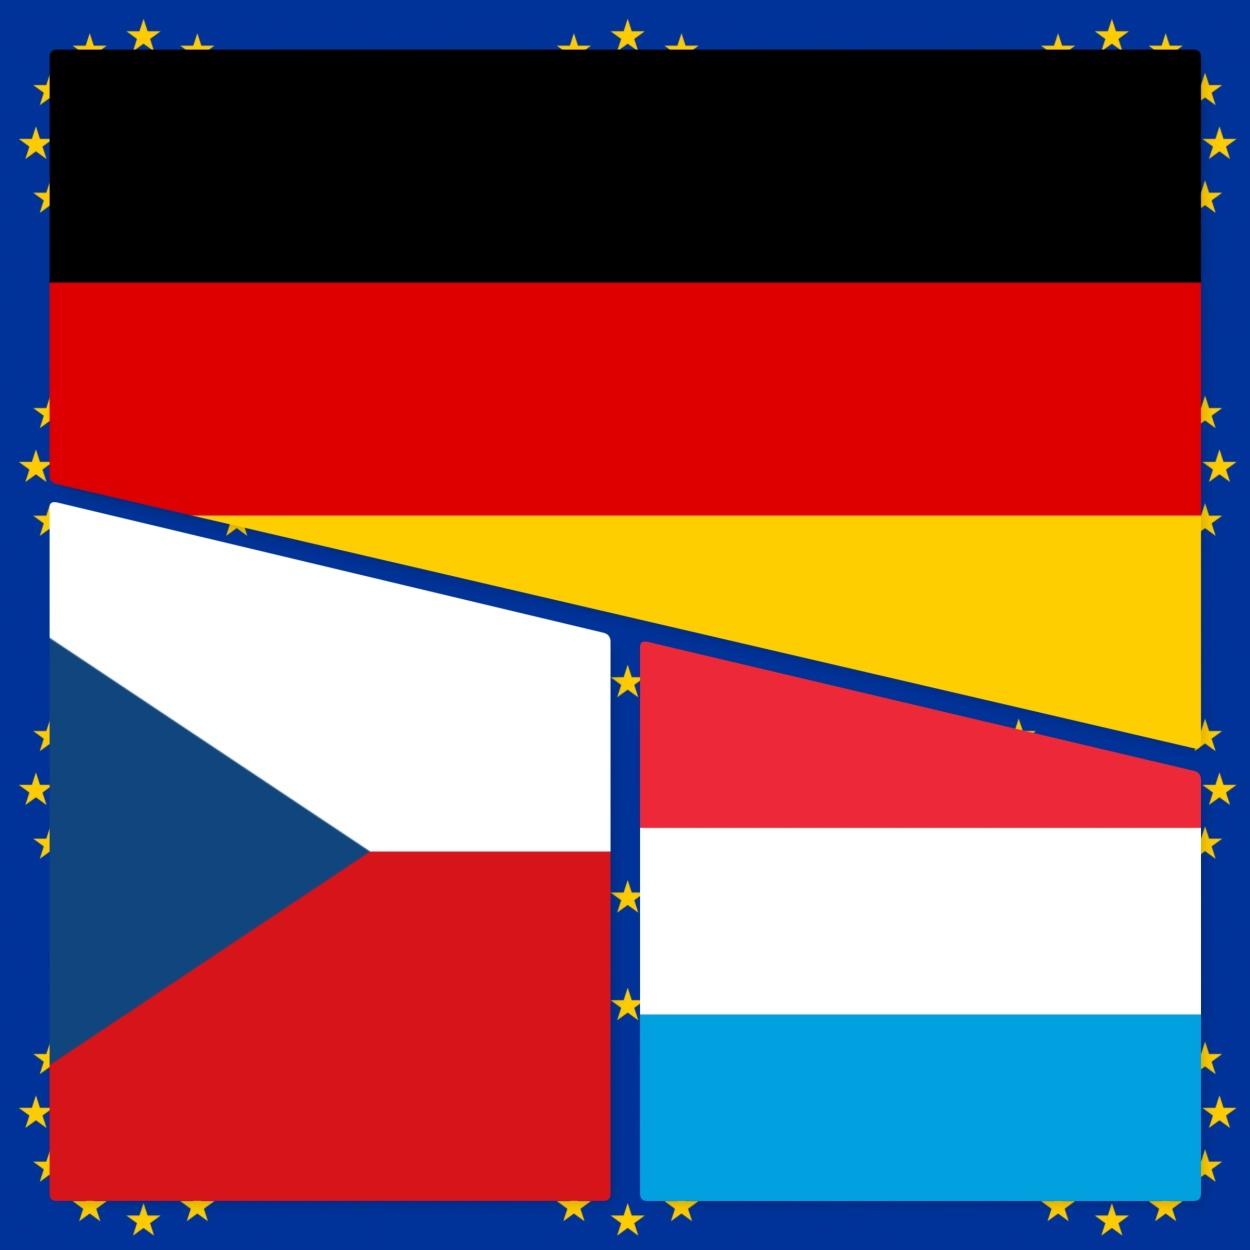 Sei mesi in Europa - secondo semestre 2013